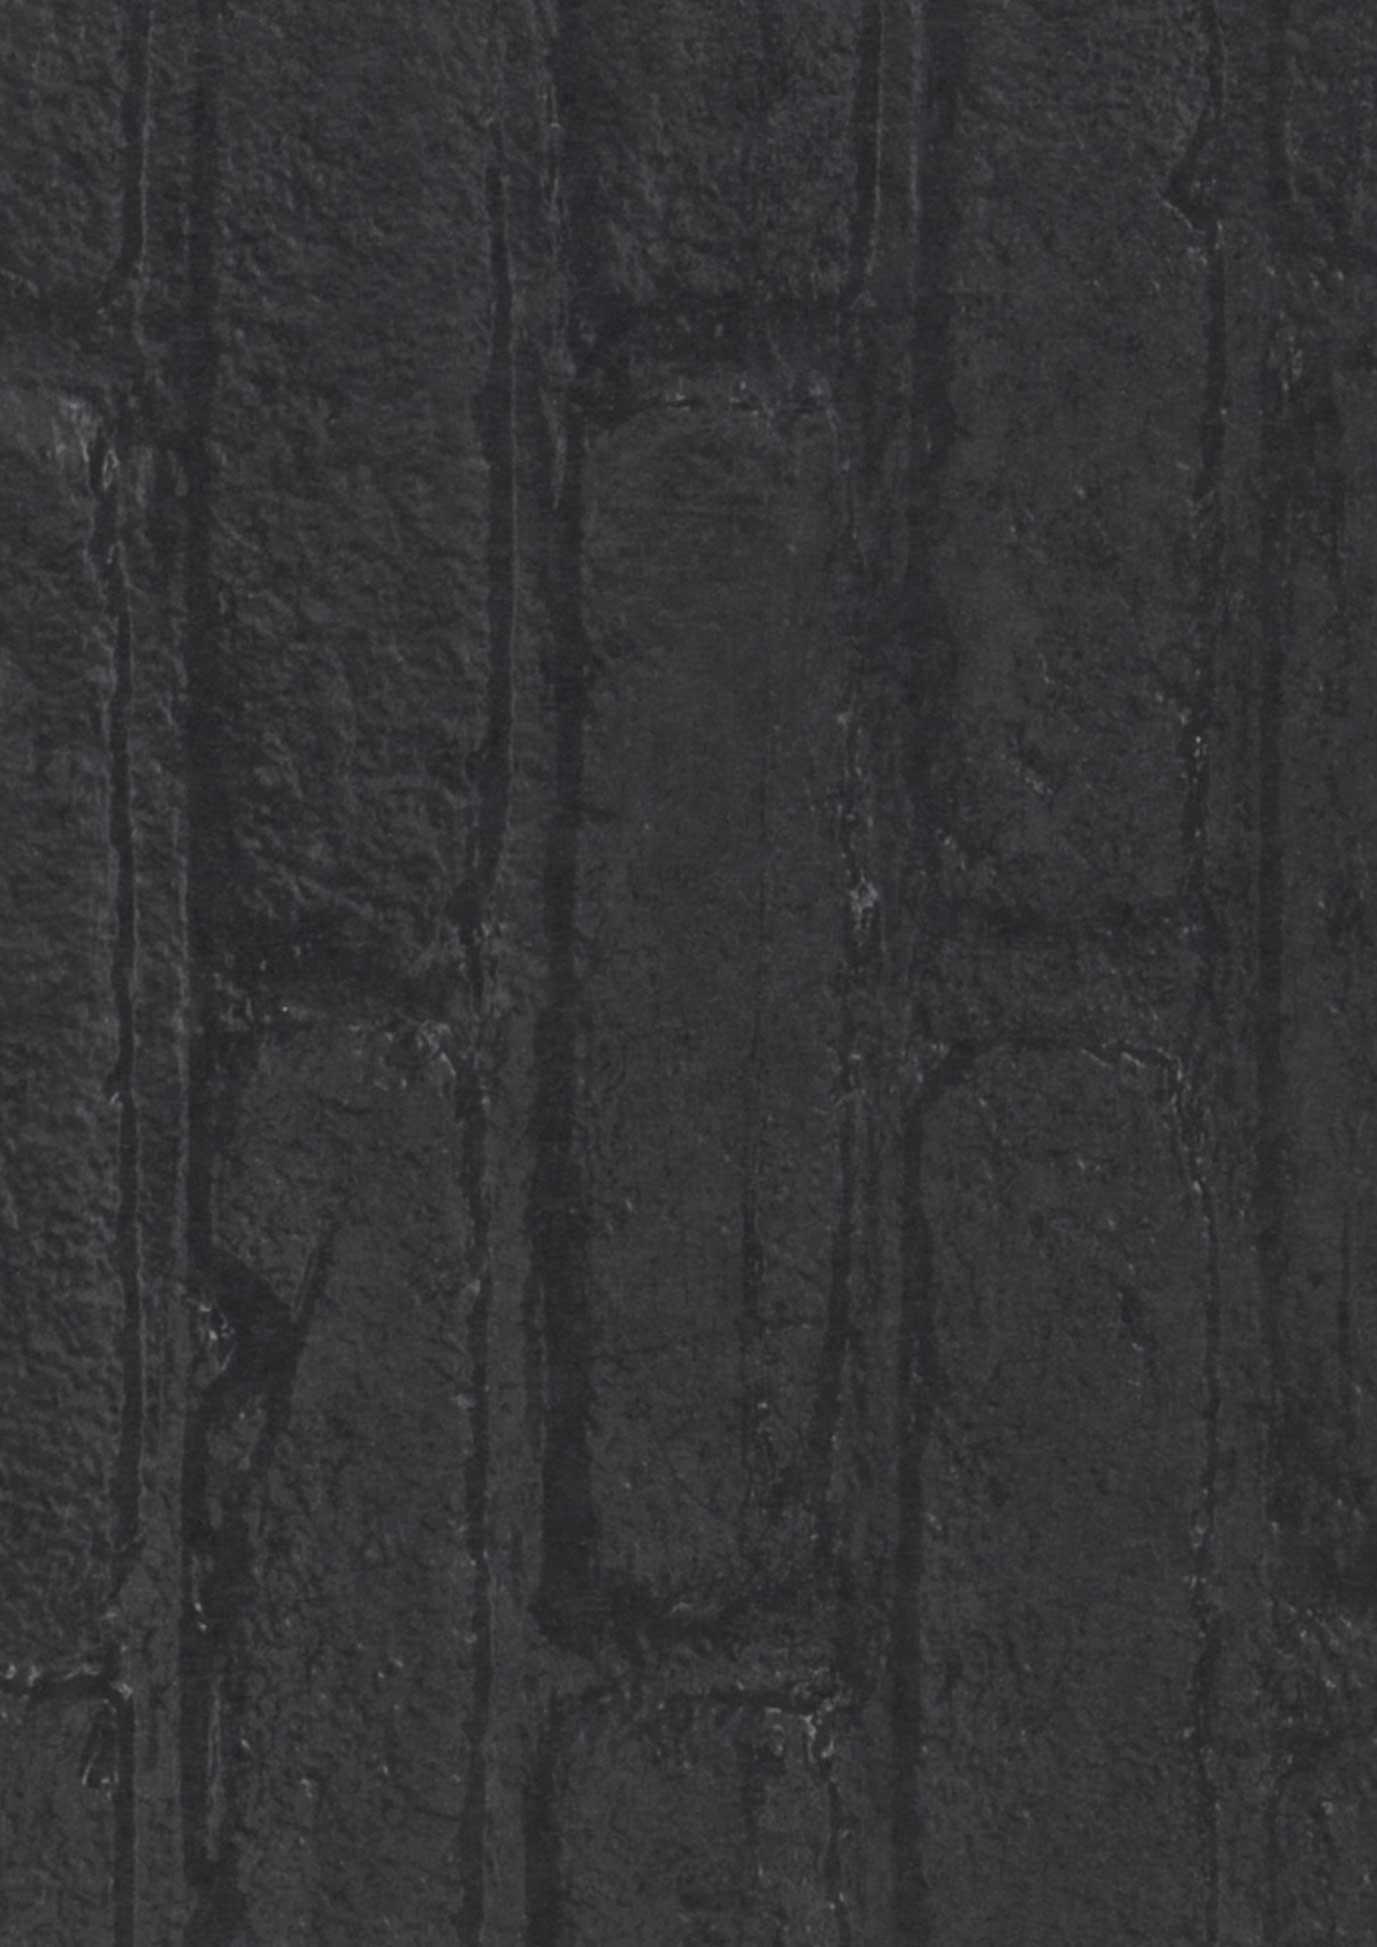 Tapete bricks 01 schwarz schwarzgrau tapeten der 70er for Tapete nach hause